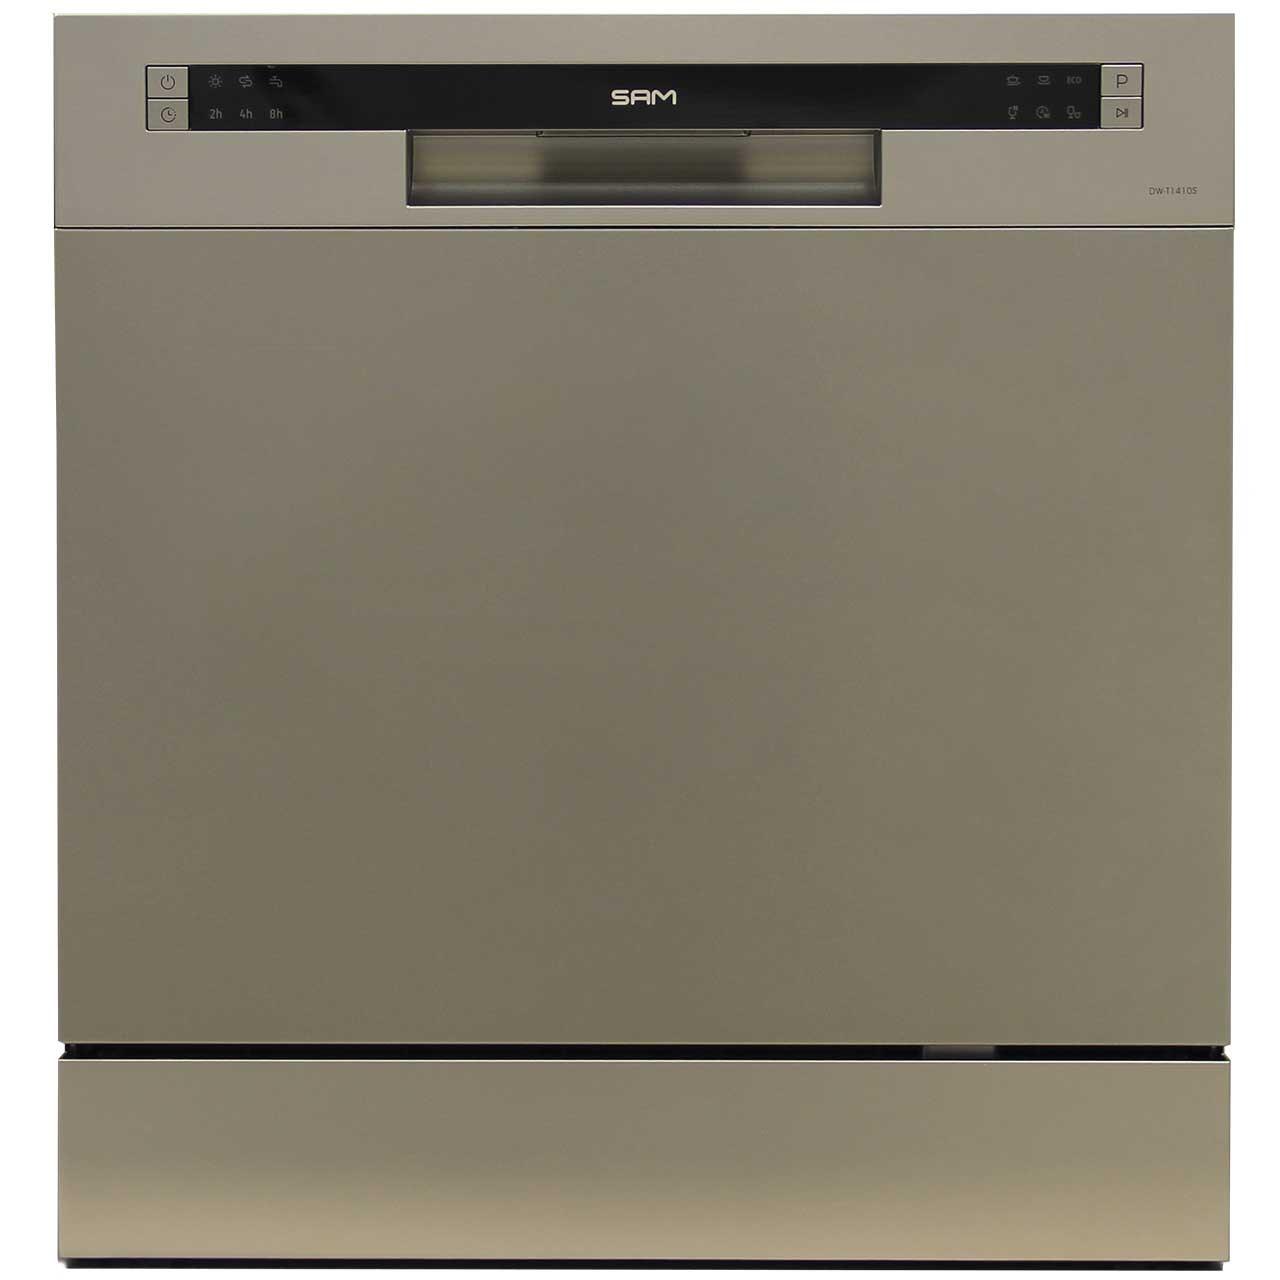 ماشین ظرفشویی رومیزی سام مدل DW-T1410 | Sam DW-T1410 Countertop Dishwasher